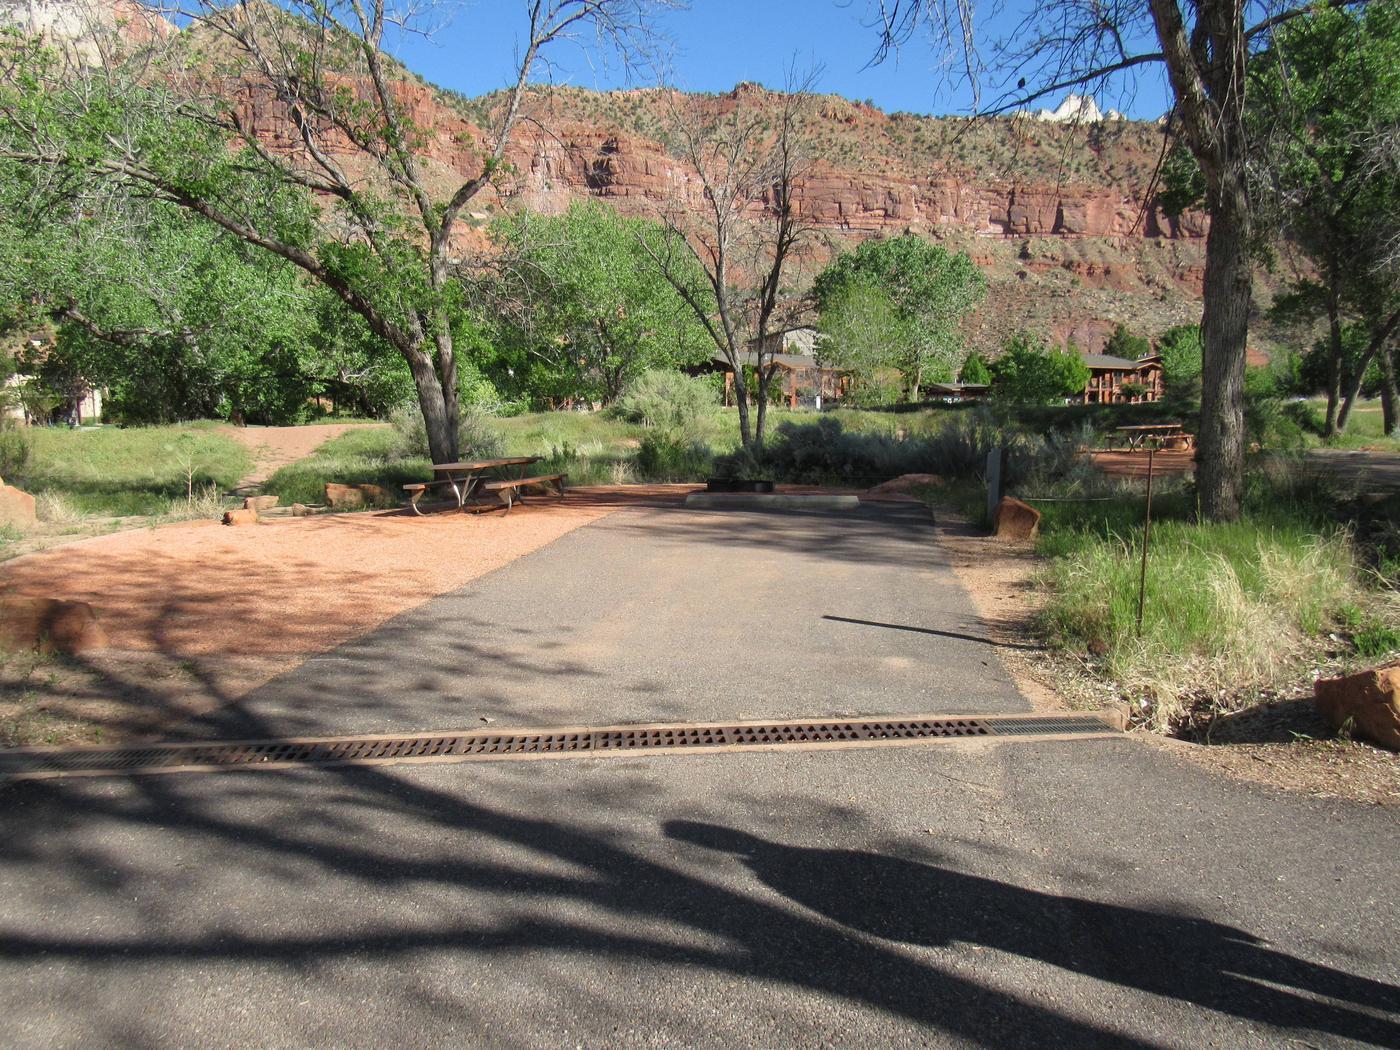 Campsite areaSite A15